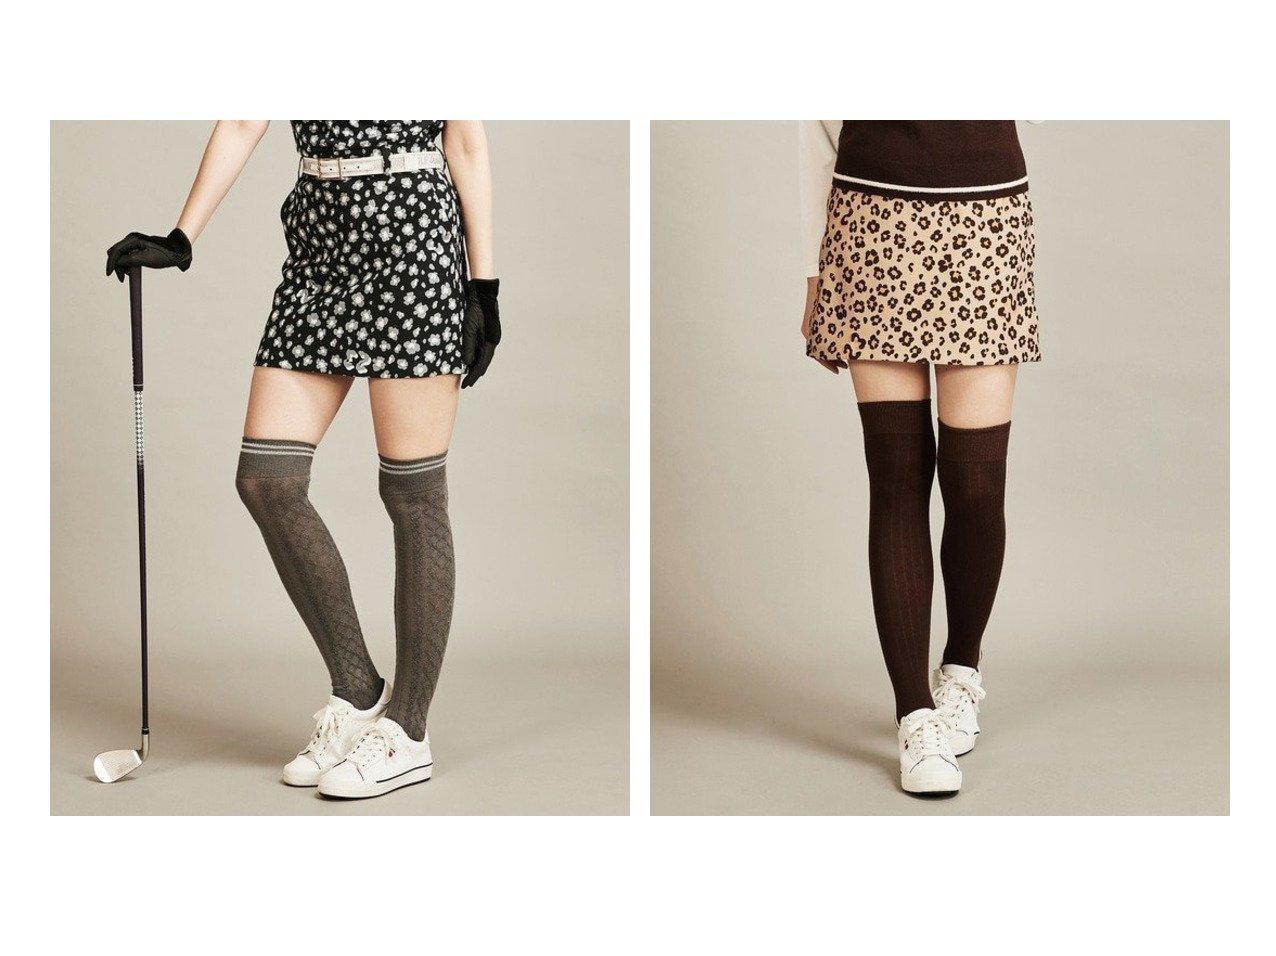 【NIJYUSANKU GOLF/23区 ゴルフ】の【WOMEN】【ストレッチ】レオパード柄 プリント 起毛ハニカムスカート スカートのおすすめ!人気、レディースファッションの通販 おすすめで人気のファッション通販商品 インテリア・家具・キッズファッション・メンズファッション・レディースファッション・服の通販 founy(ファニー) https://founy.com/ ファッション Fashion レディース WOMEN スカート Skirt ストレッチ セットアップ プリント レオパード 台形 秋 |ID:crp329100000001497